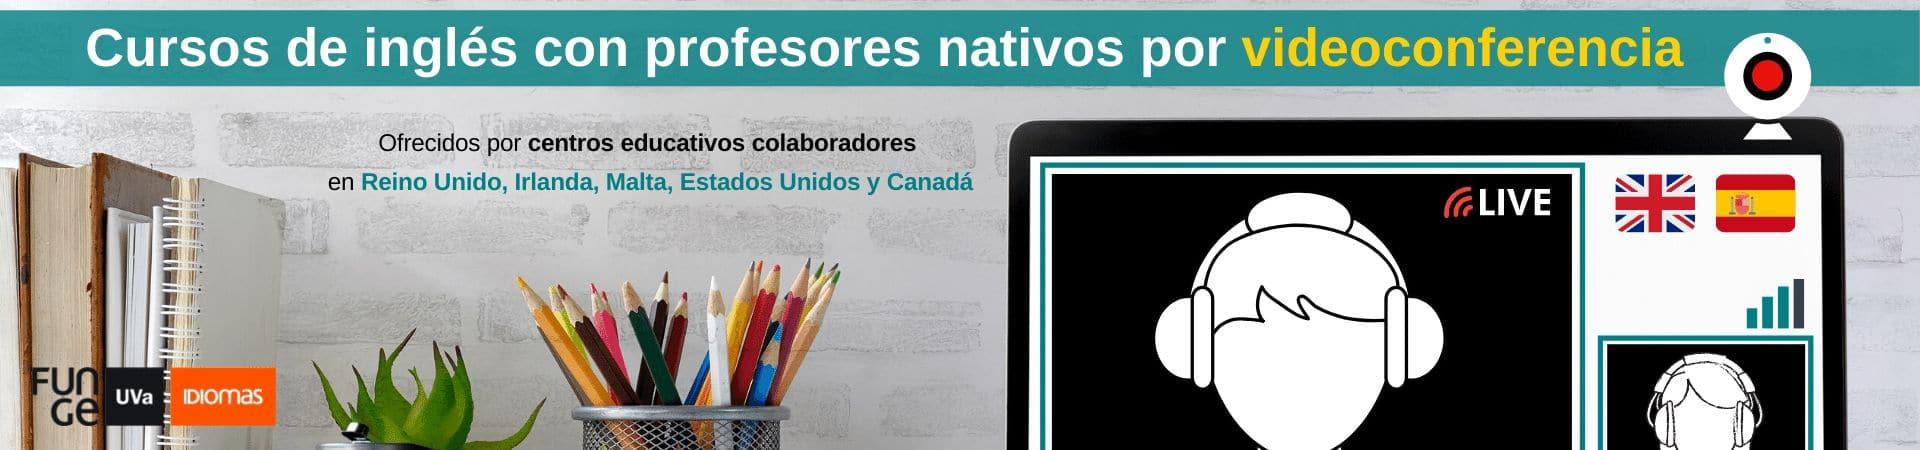 Cursos de inglés por videoconferencia online - Centro de Idiomas UVa - verano 2020